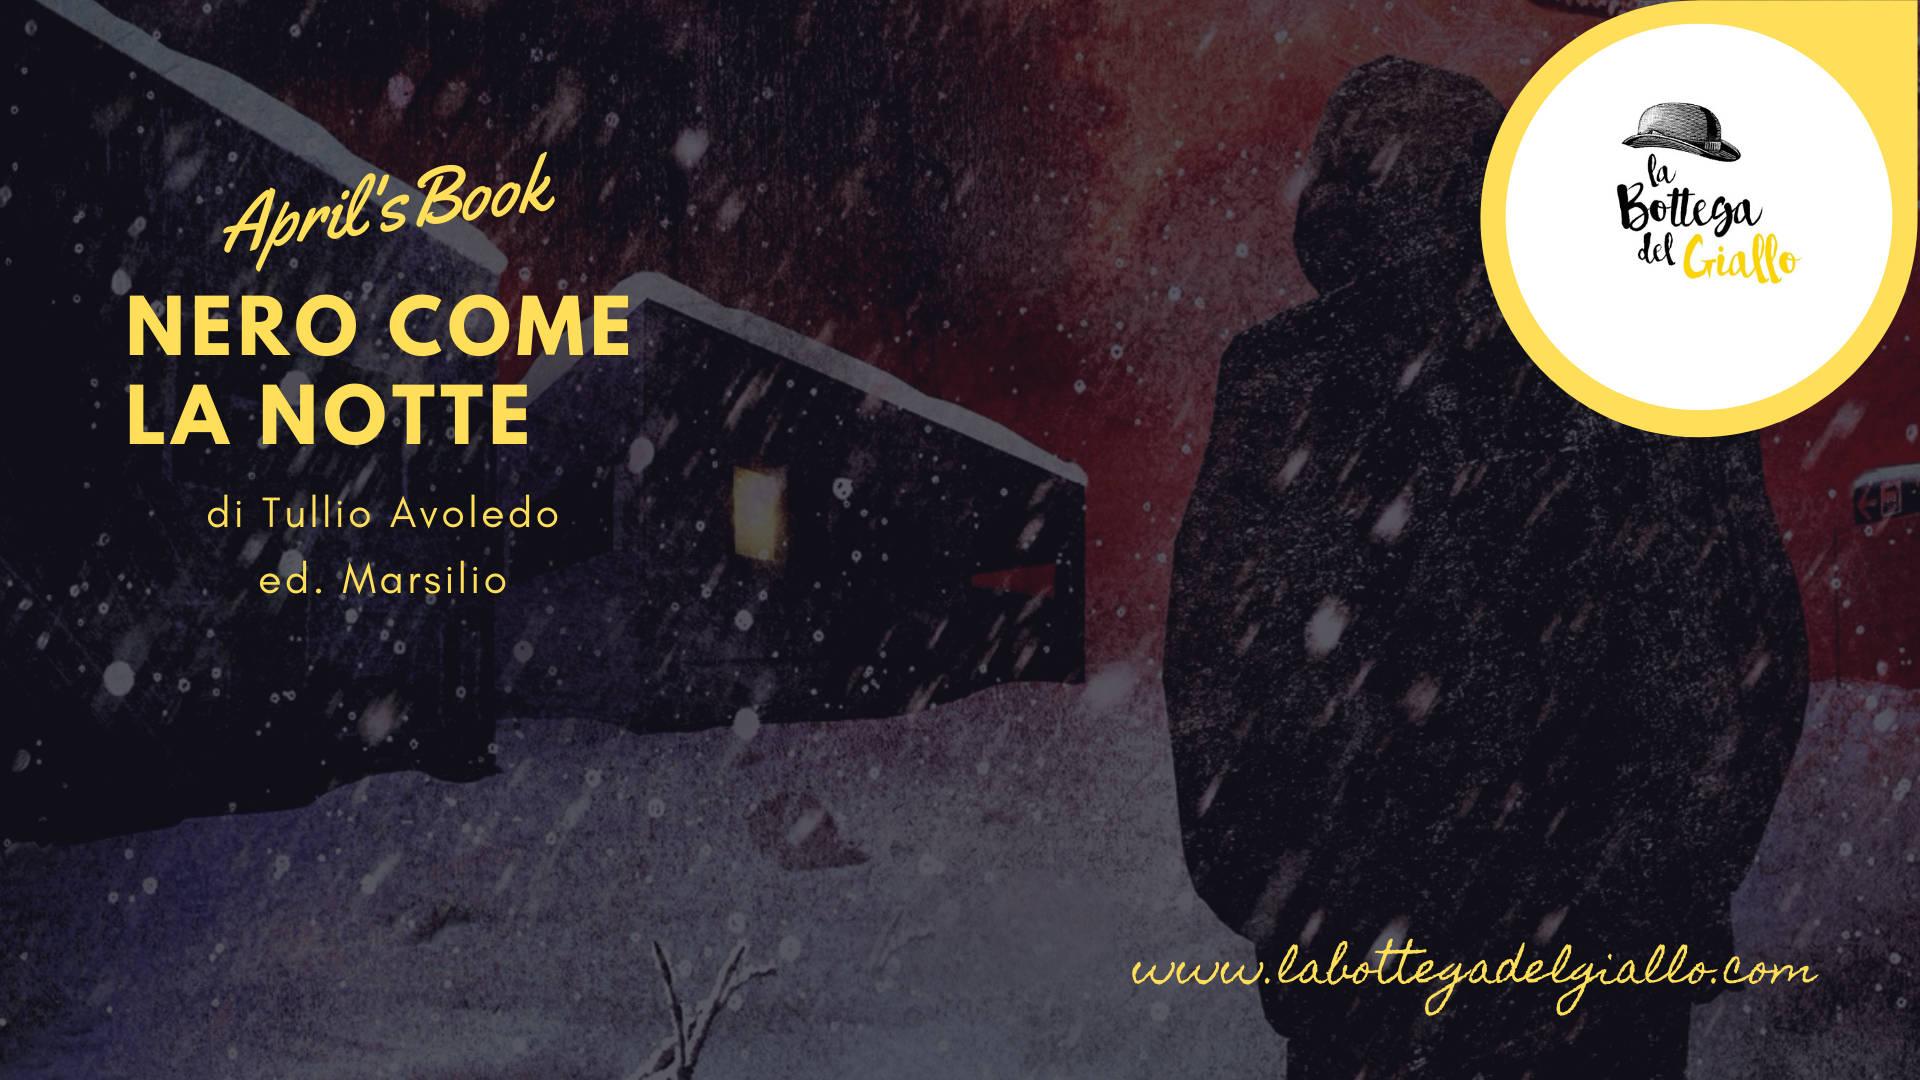 """""""Nero come la notte"""" di Tullio Avoledo"""